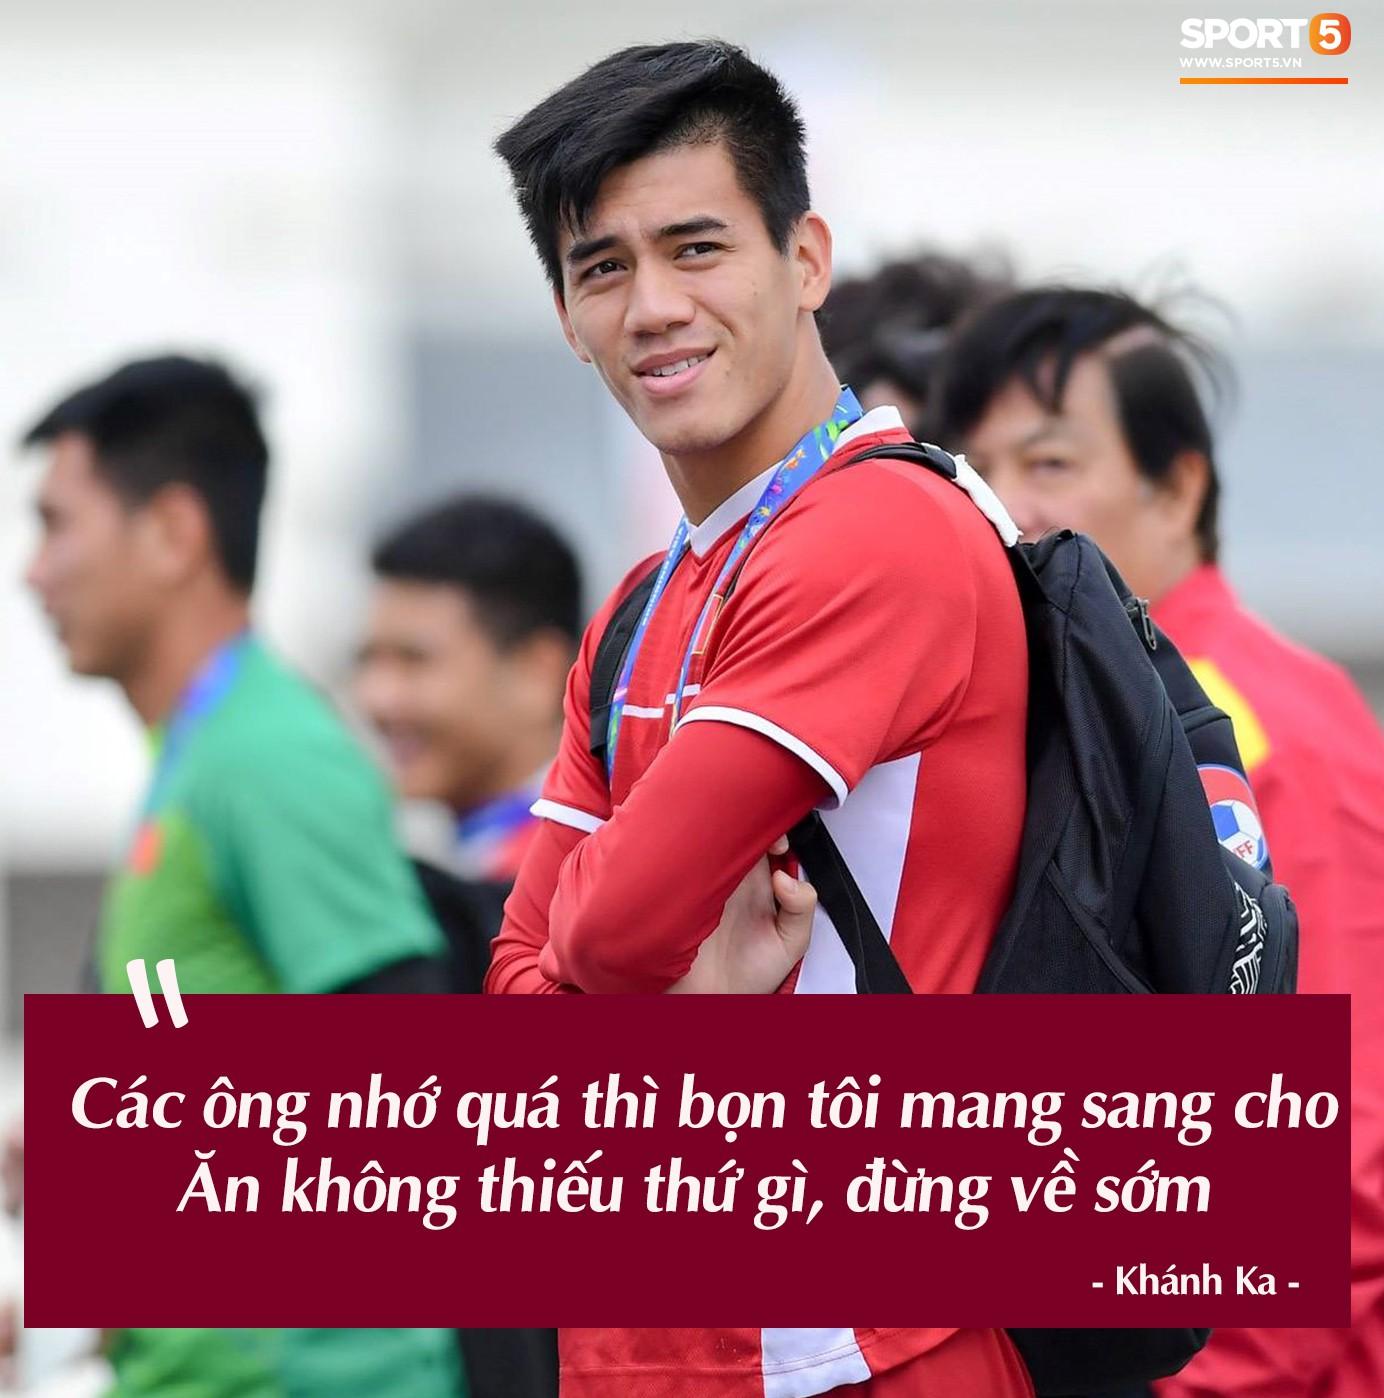 Trước vòng đấu loại trực tiếp Asian Cup 2019, Đặng Văn Lâm tuyên bố: Anh sẽ về, nhưng không phải hôm nay - Ảnh 3.